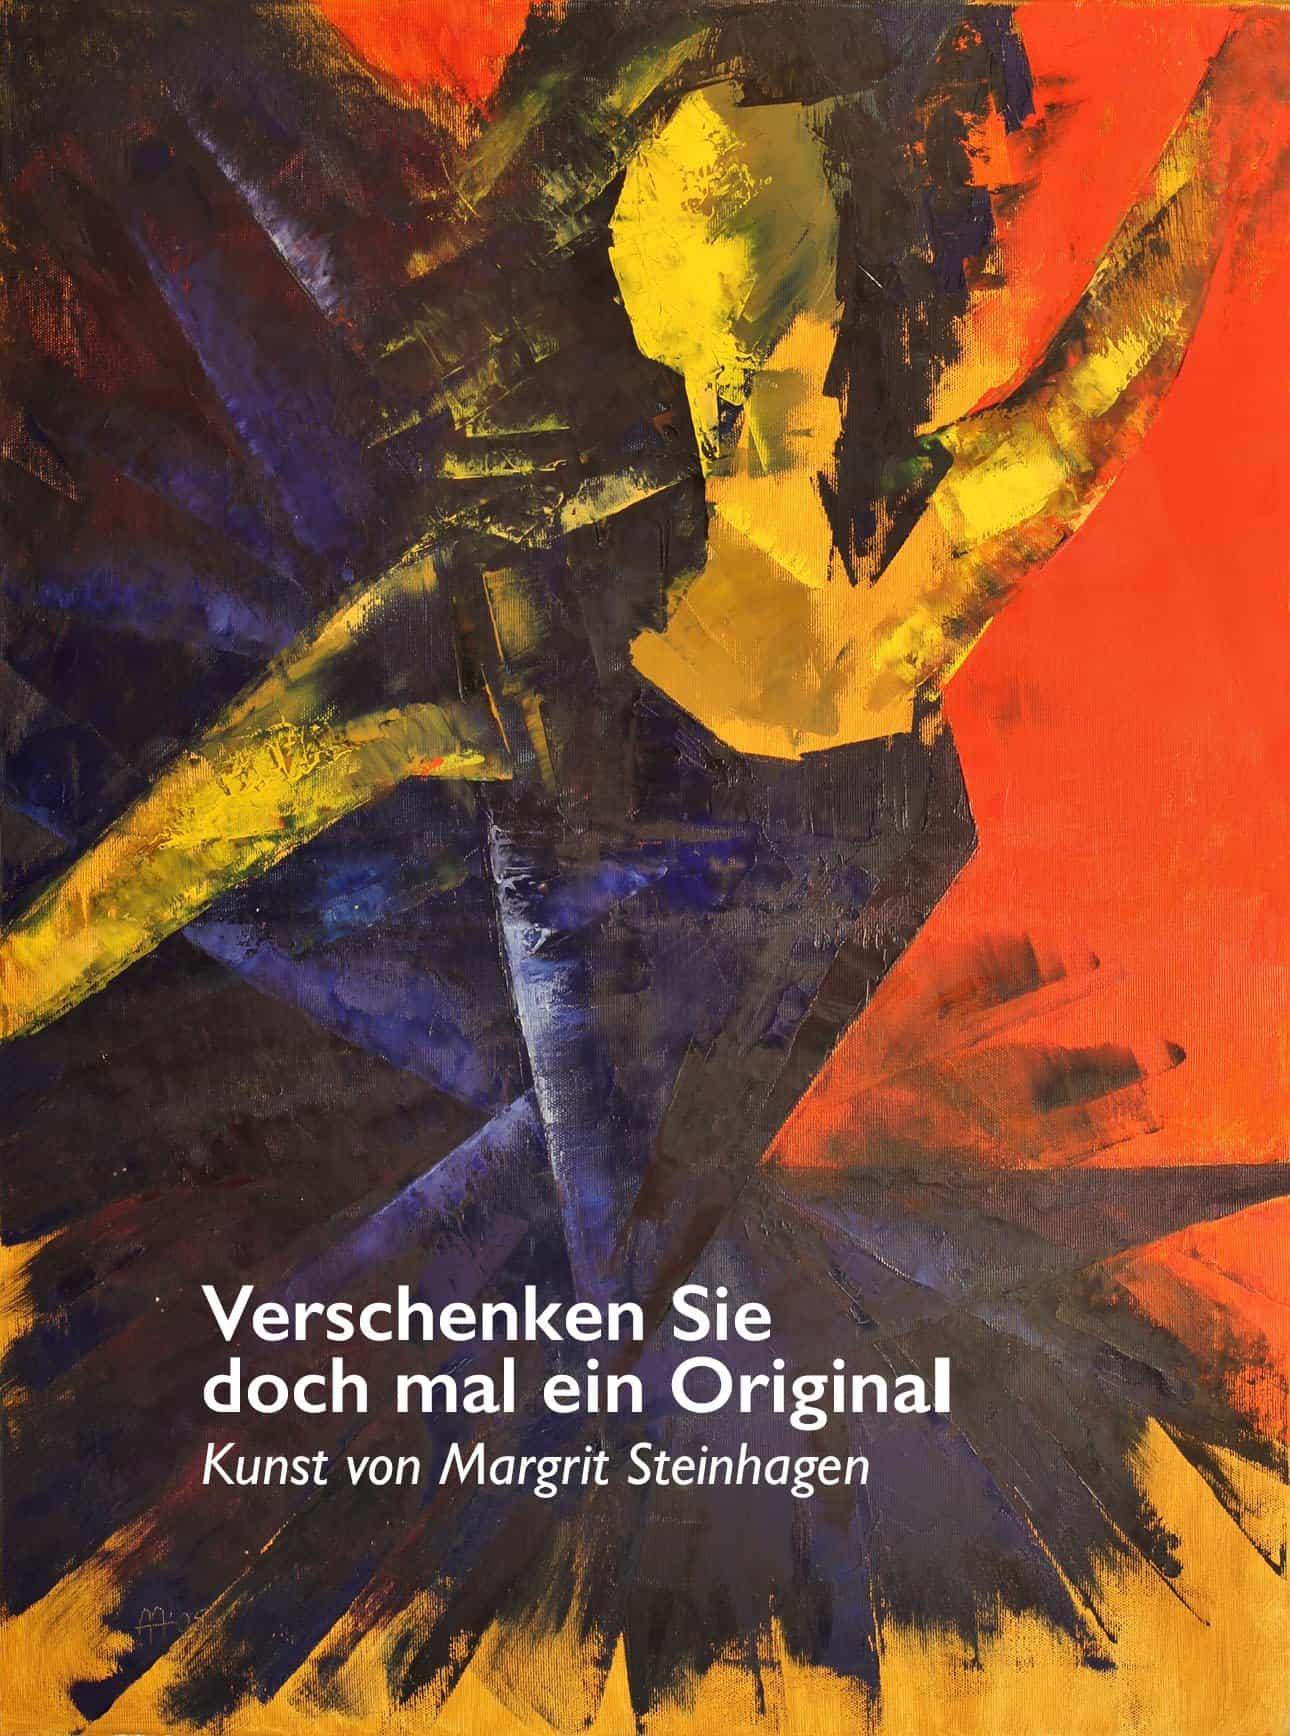 Leinwandmalerei Nordheide – Magrit Steinhagen